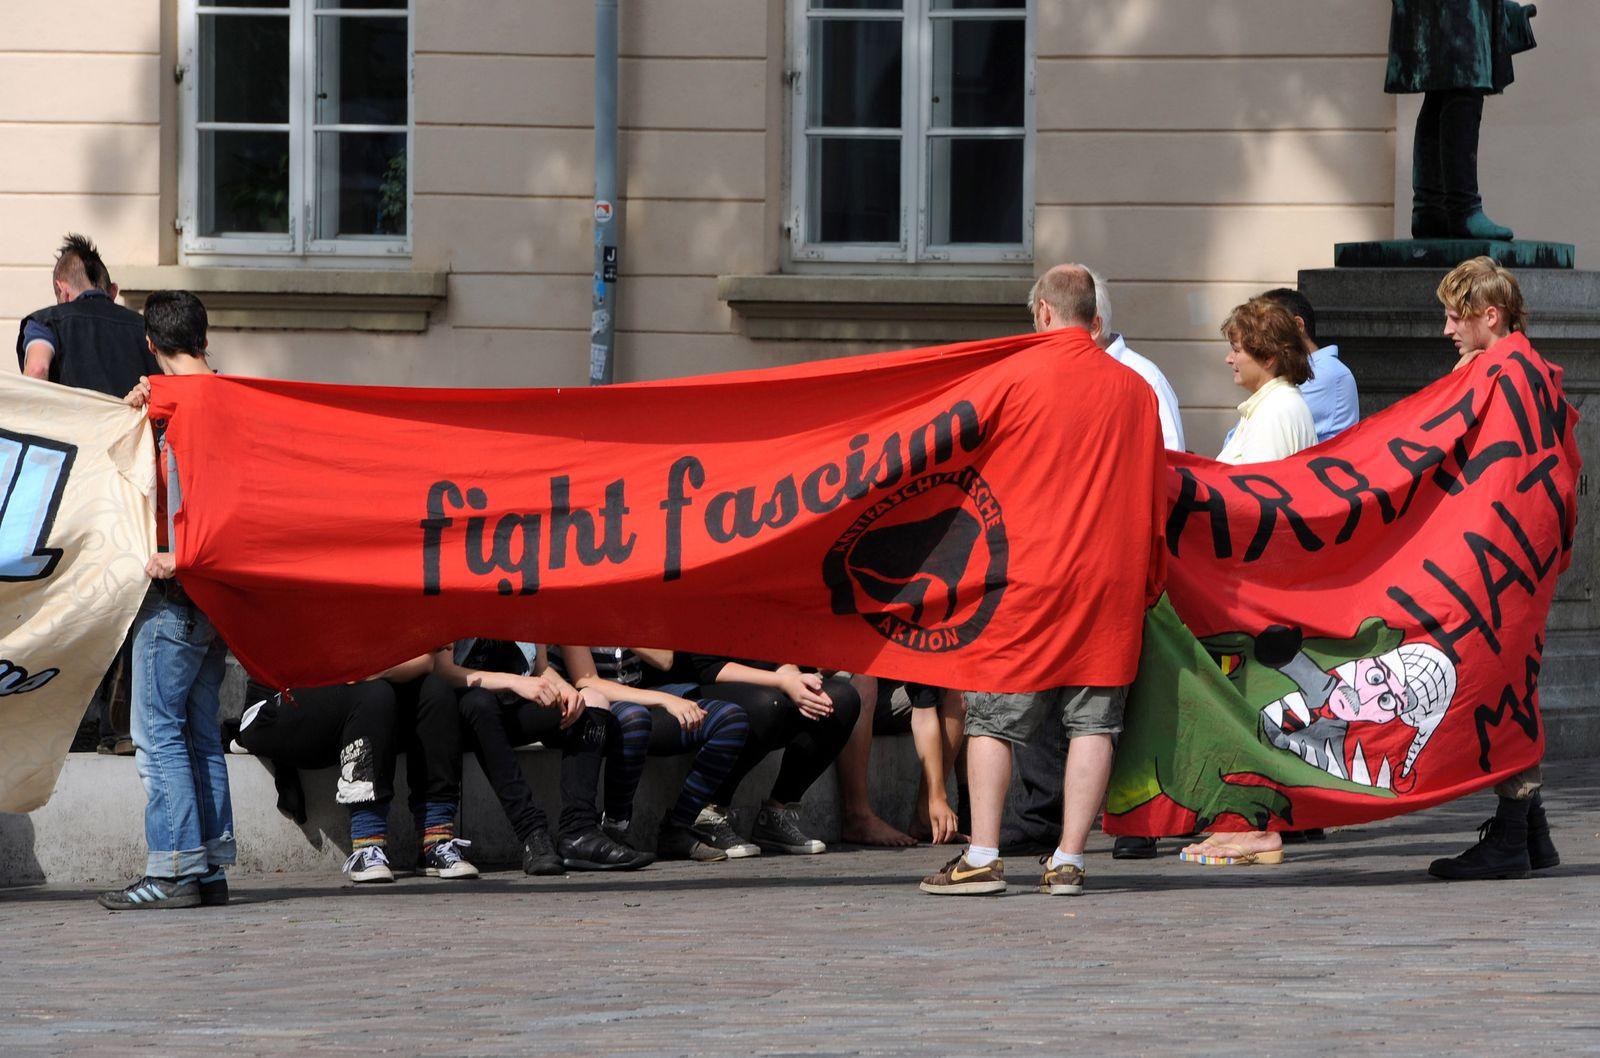 Wahlkampfveranstaltung der AfD - Proteste